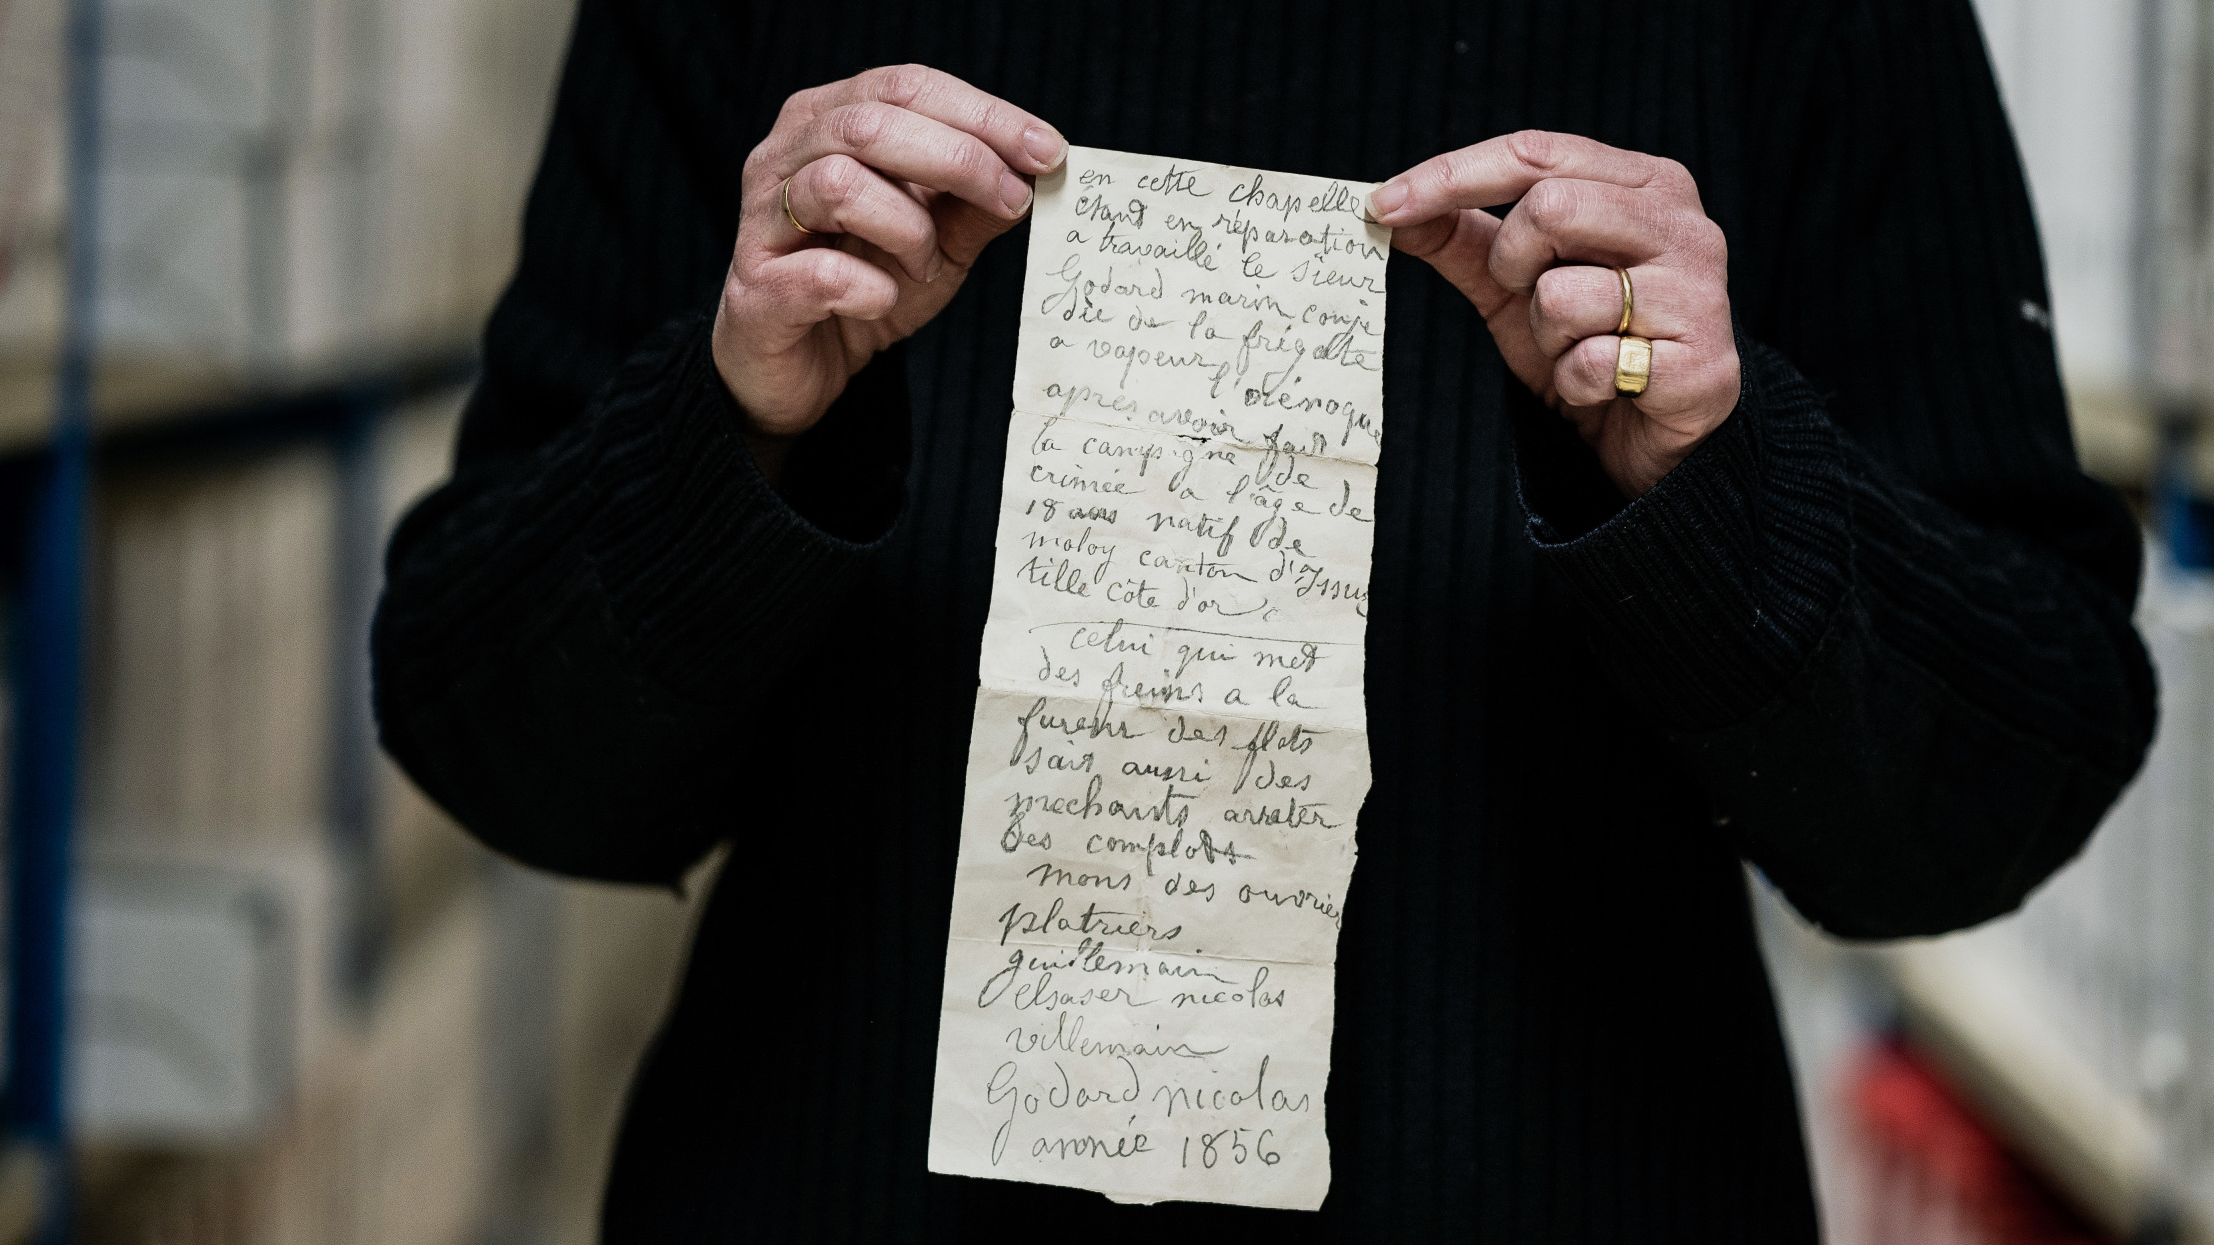 À Dijon, découverte dans une chapelle d'un troublant message écrit il y a 165 ans